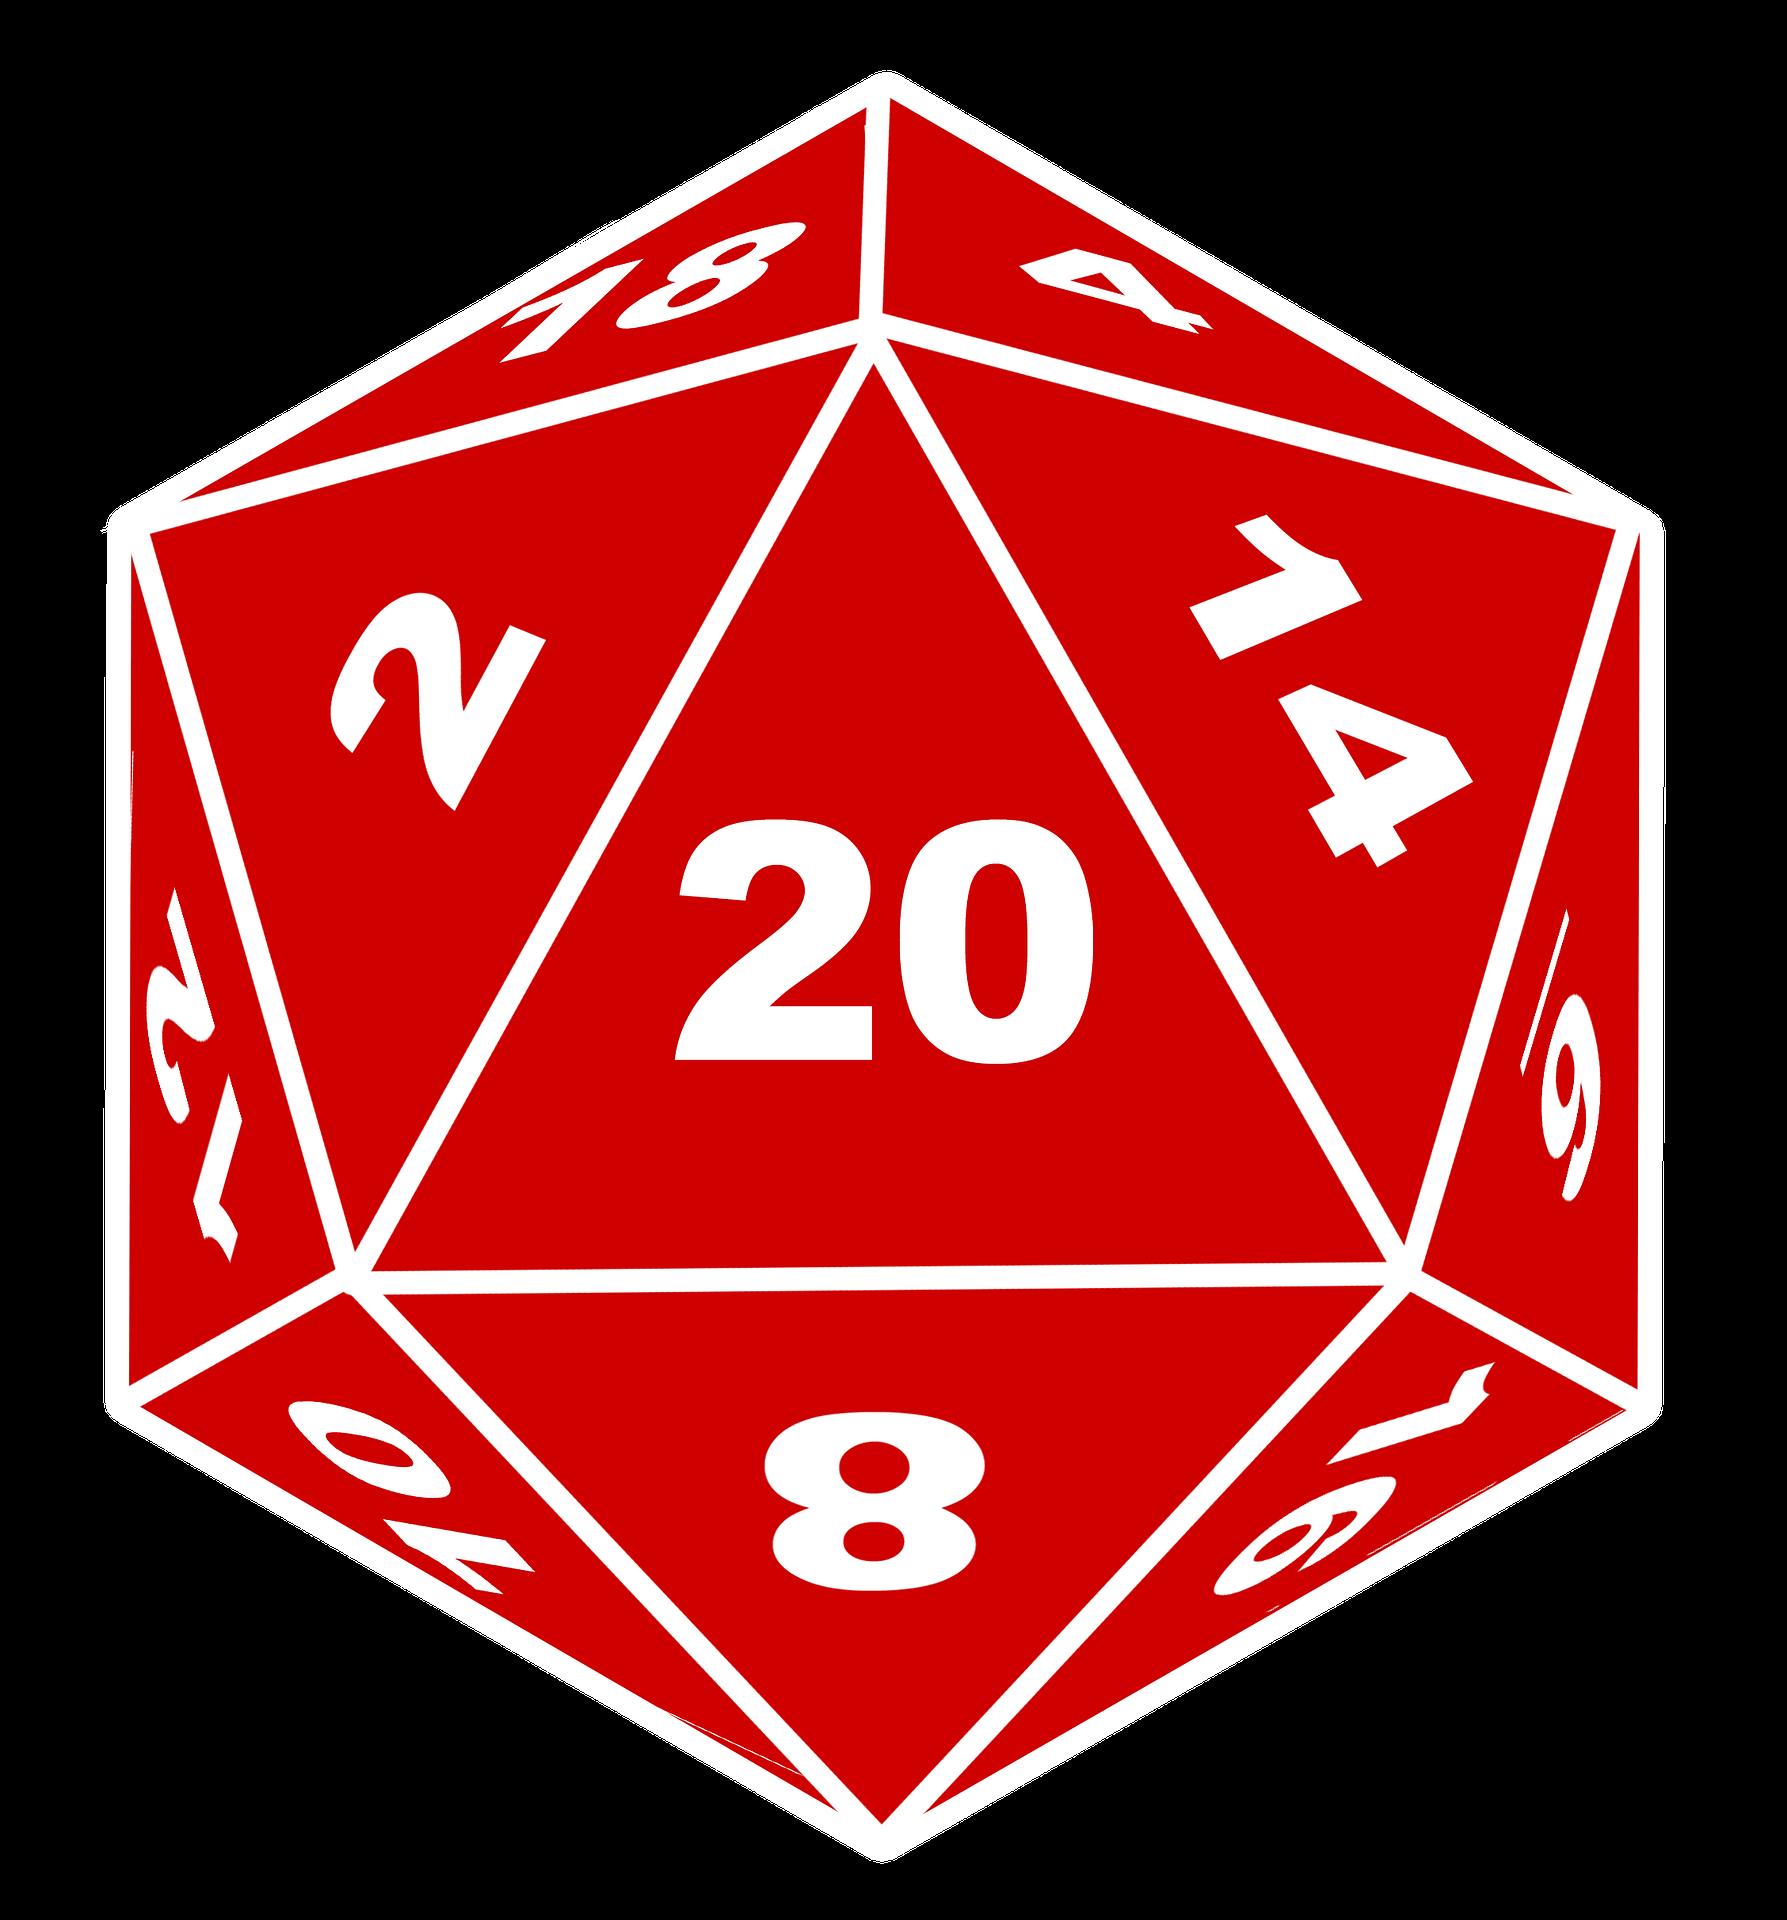 Red 20-sided die